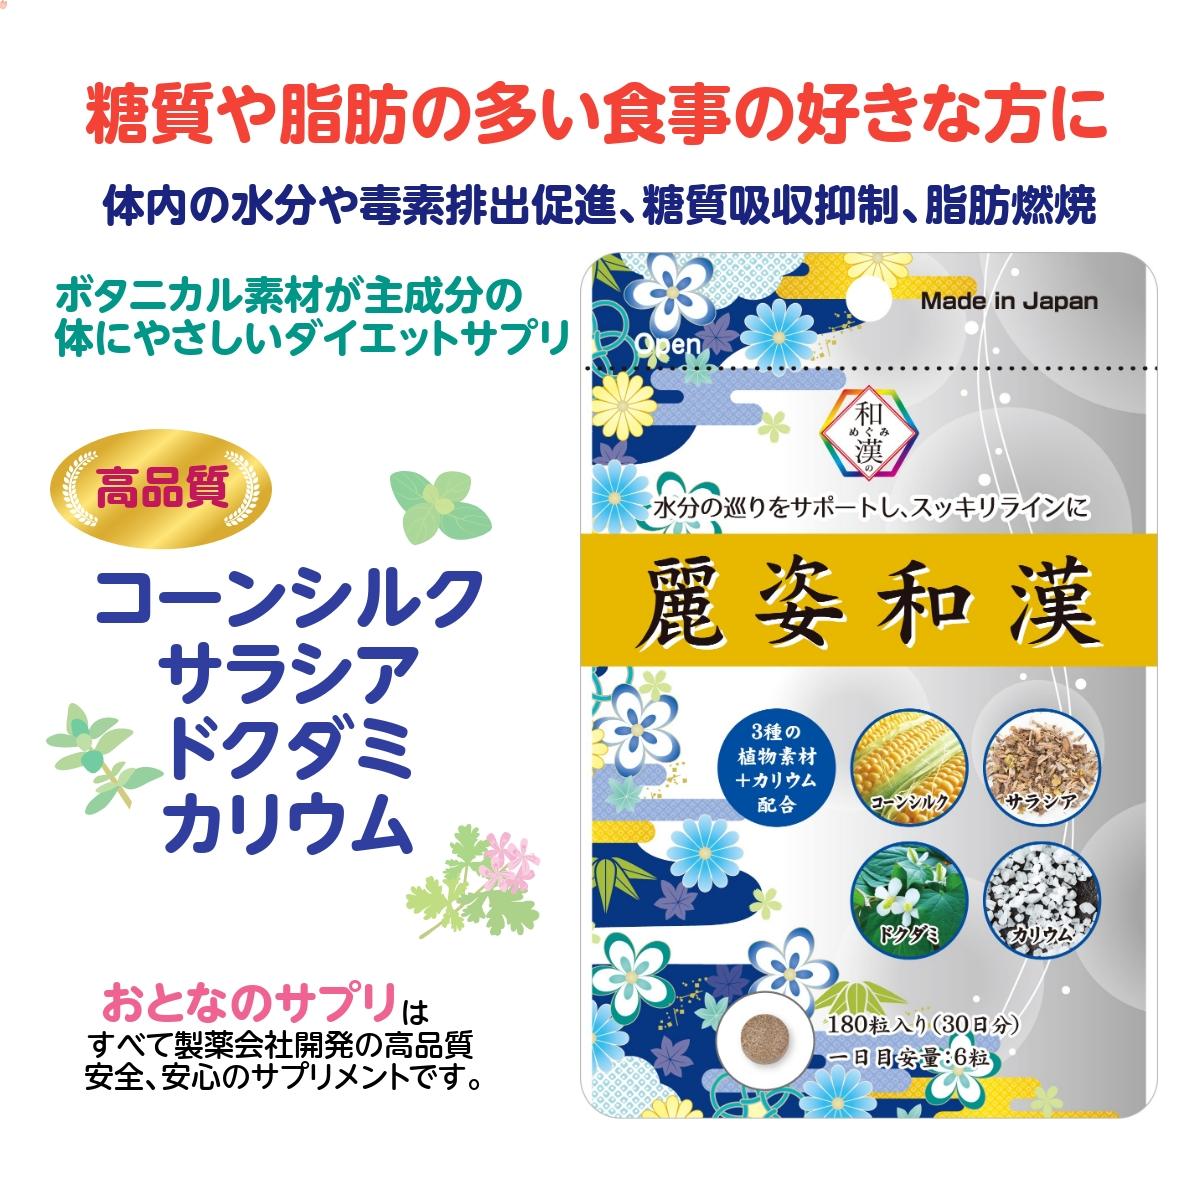 ダイエットサプリ 和漢のめぐみ 麗姿和漢  糖質 脂質 便秘 むくみ  水分の巡りをサポート 30日分